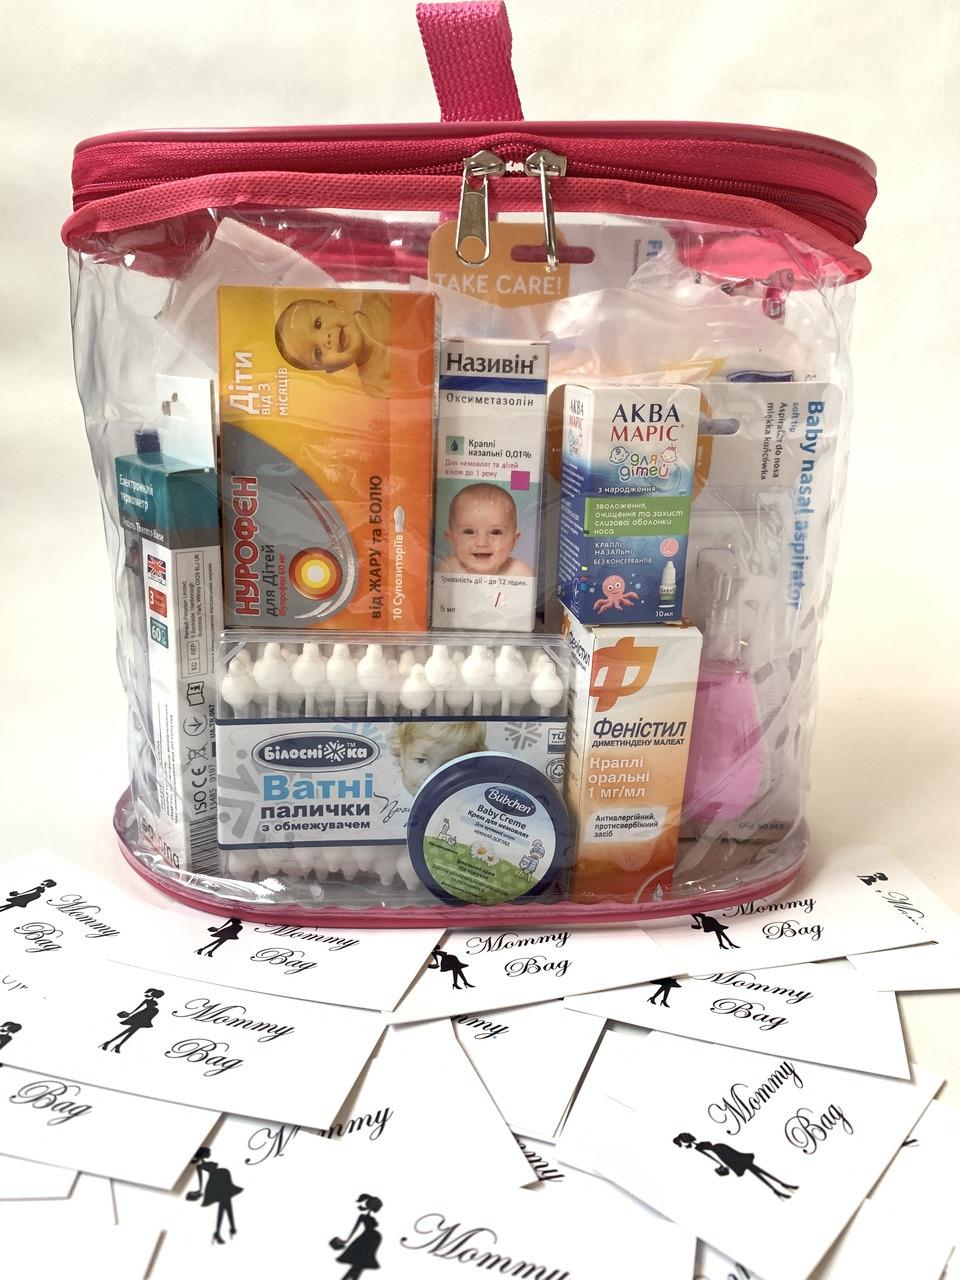 Готовая аптечка для новорожденного BabyGirl (22 единицы)